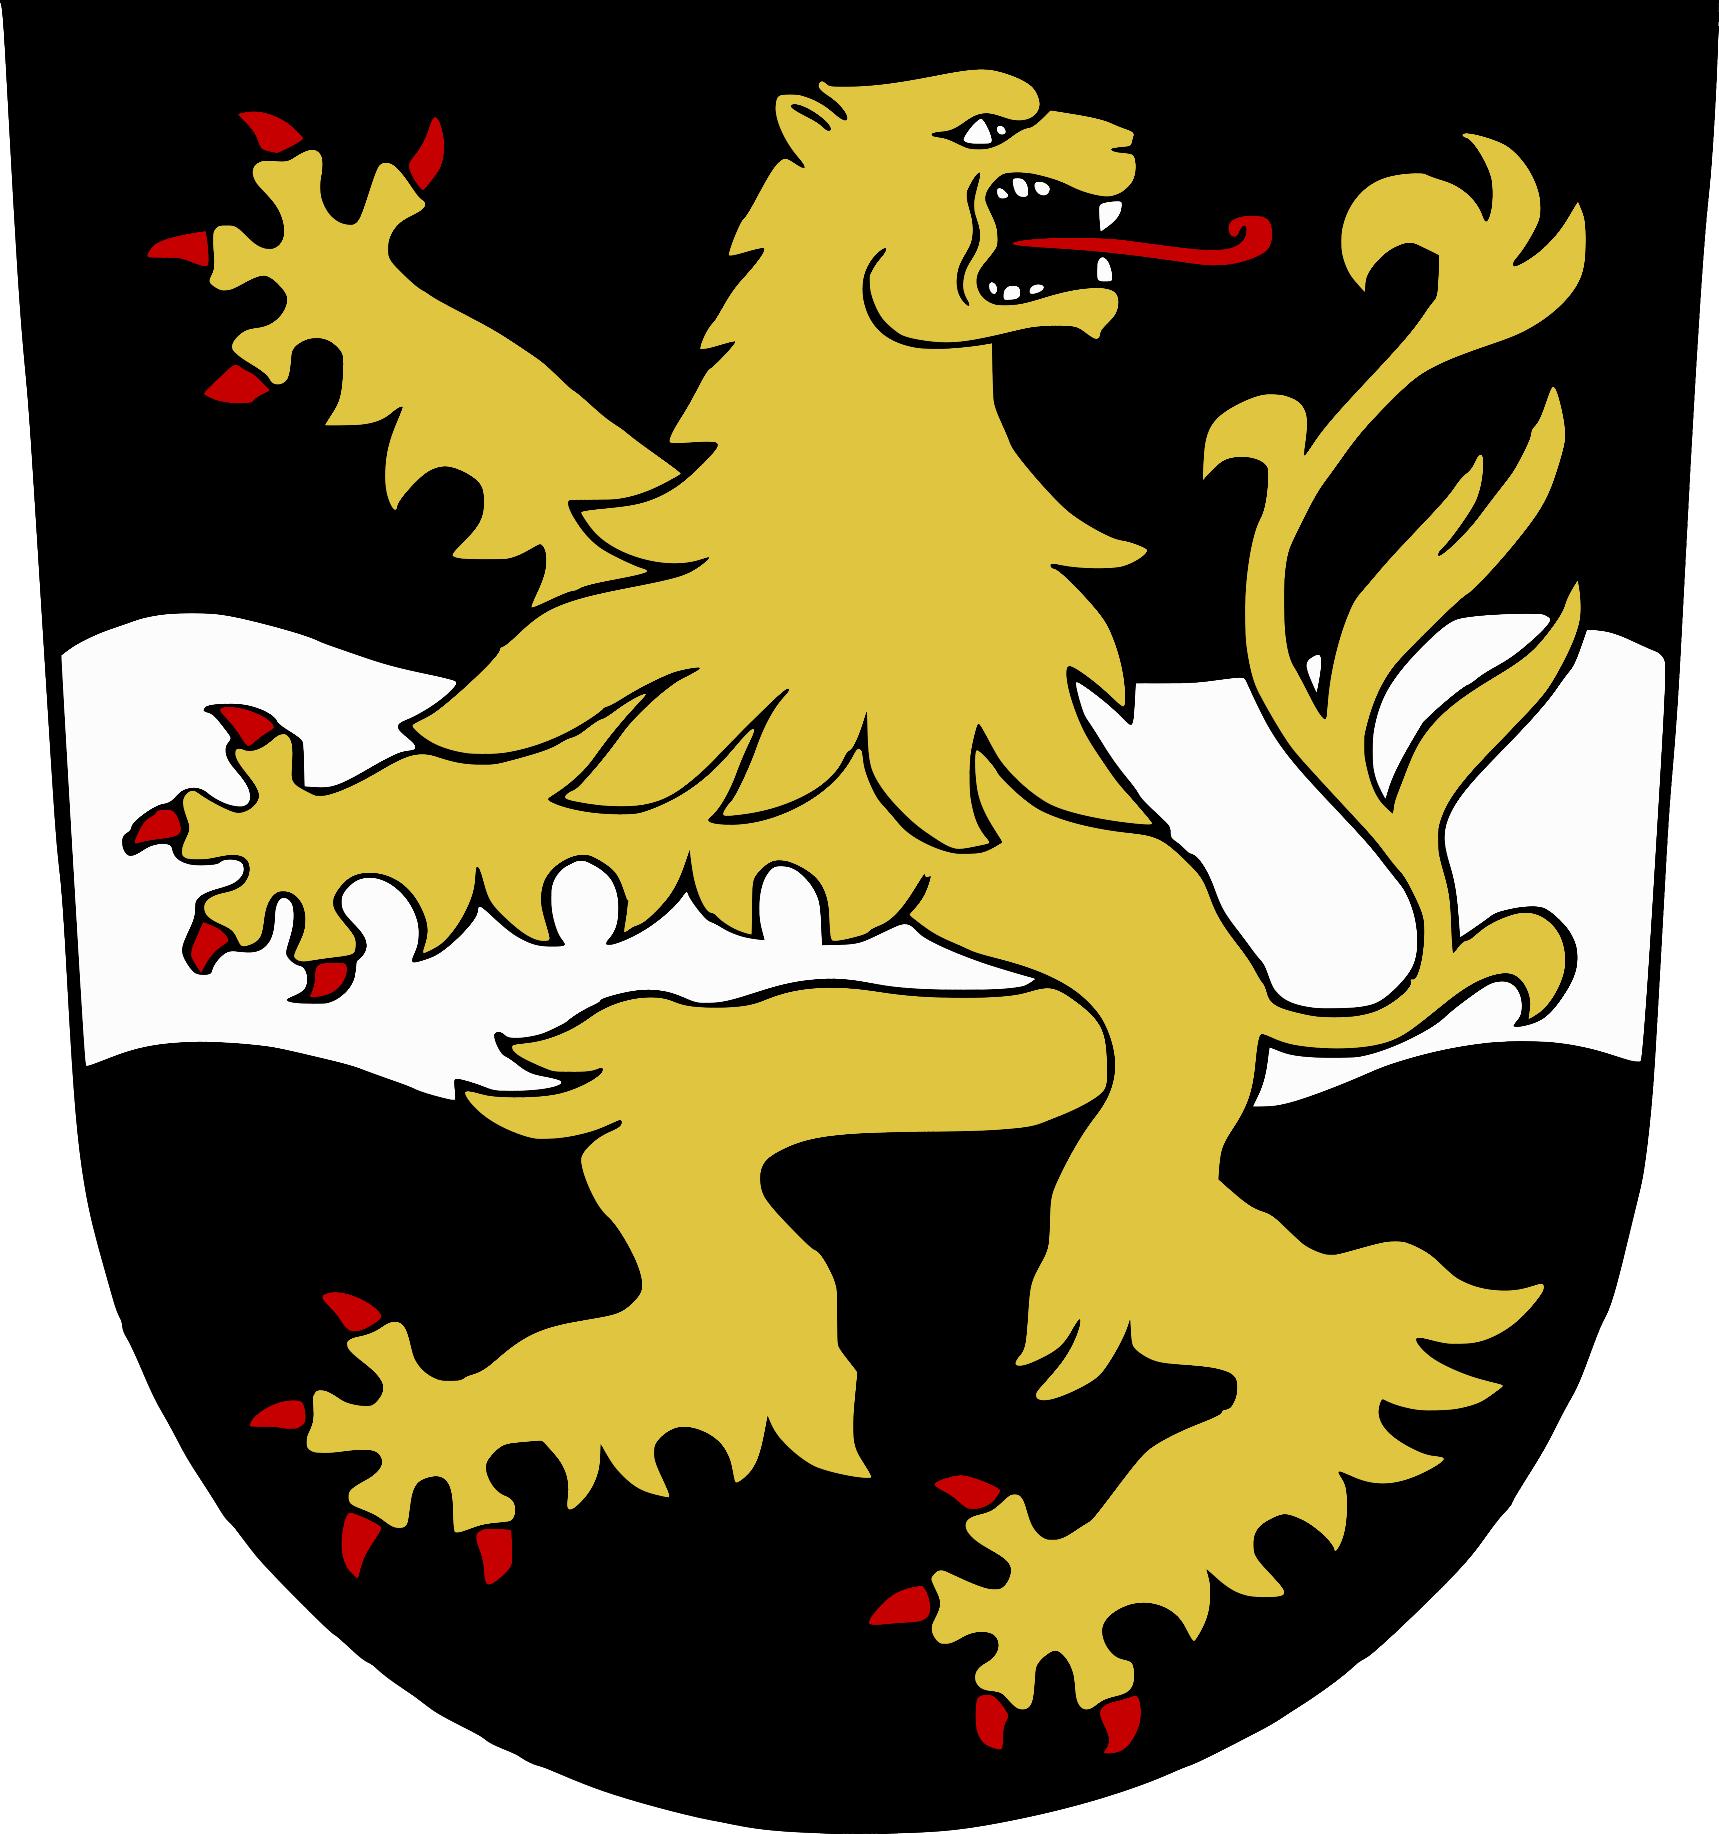 Wappen für den Ortsteil Herzlich Willkommen in Bliesdalheim! - Gersheim